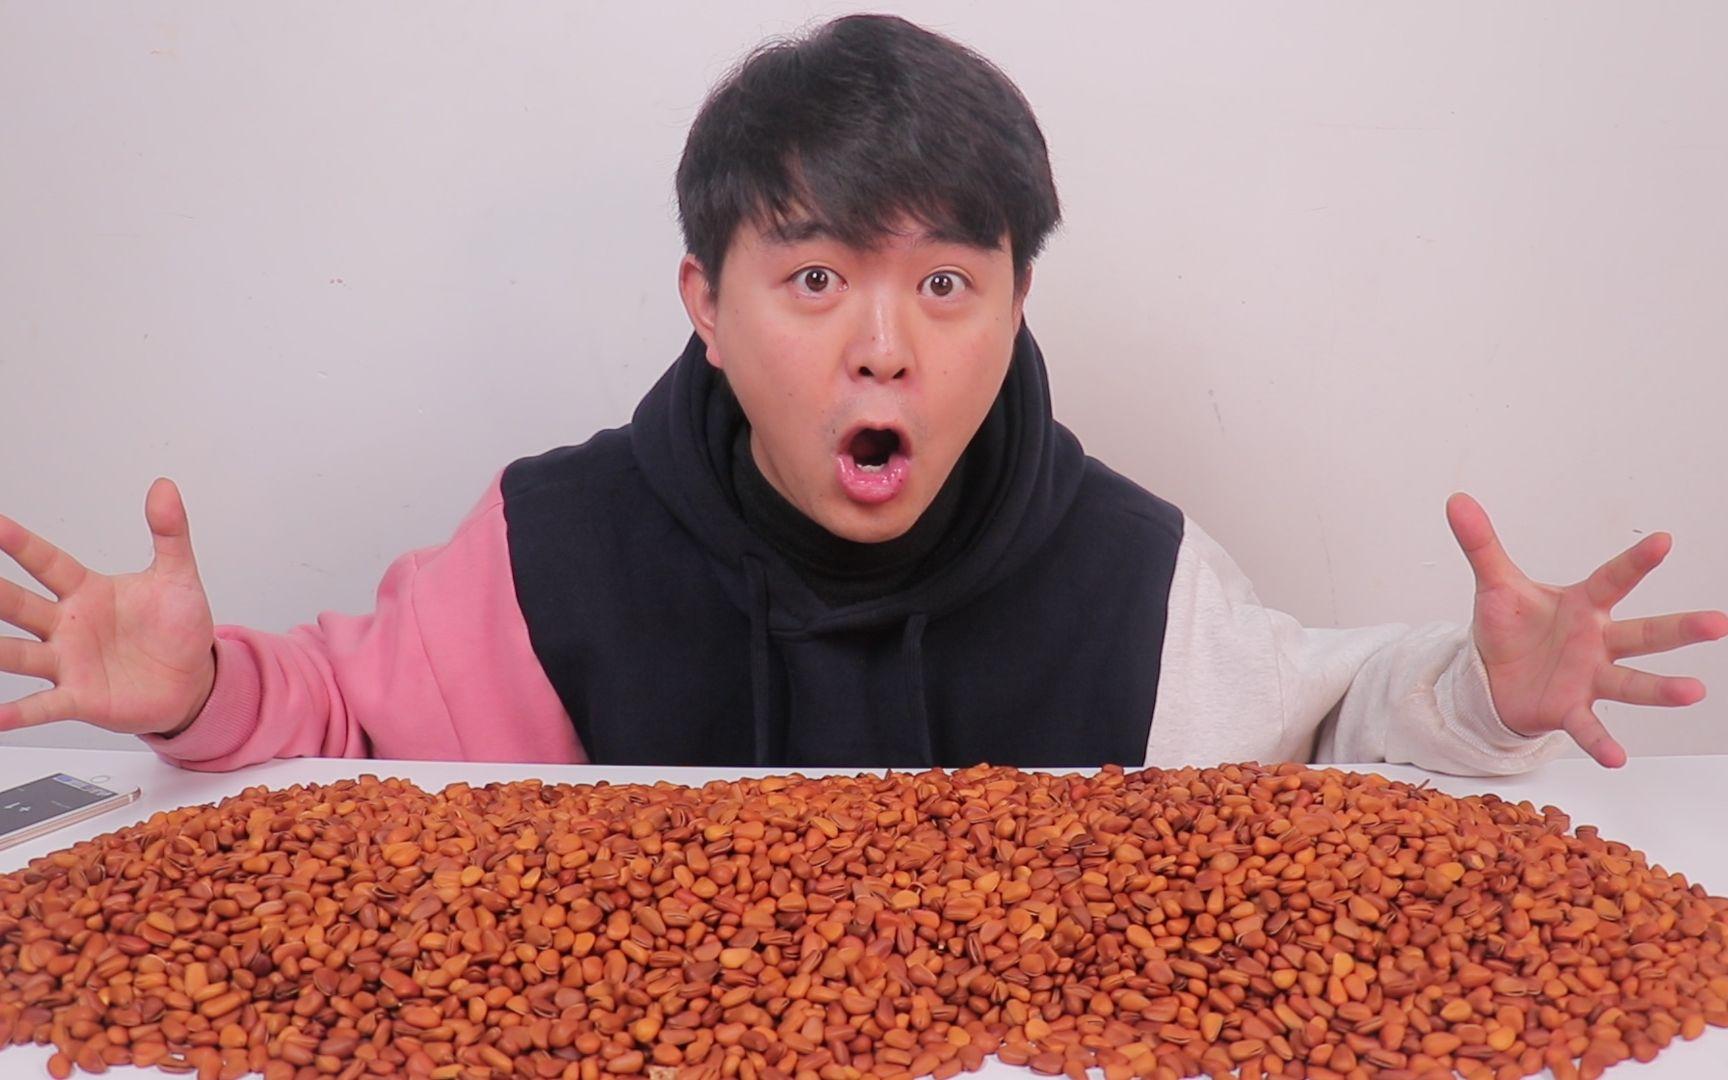 小伙买了十斤松子,挑战只吃松子能让人吃饱吗,结果快吃自闭了